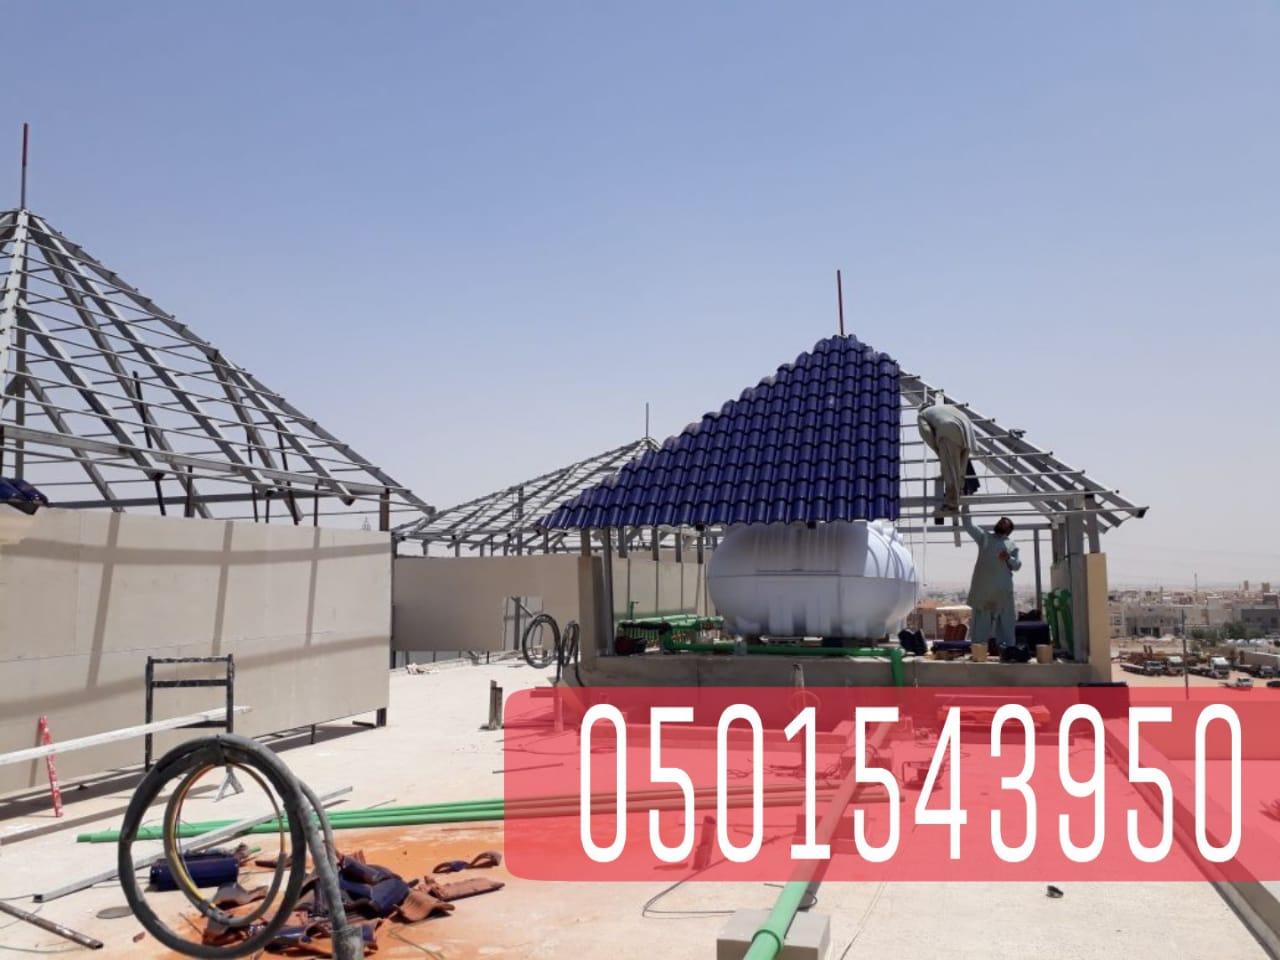 تركيب قرميد في الرياض, قرميد جدة, قرميد مكة, قرميد معدني, قرميد, 0501543950